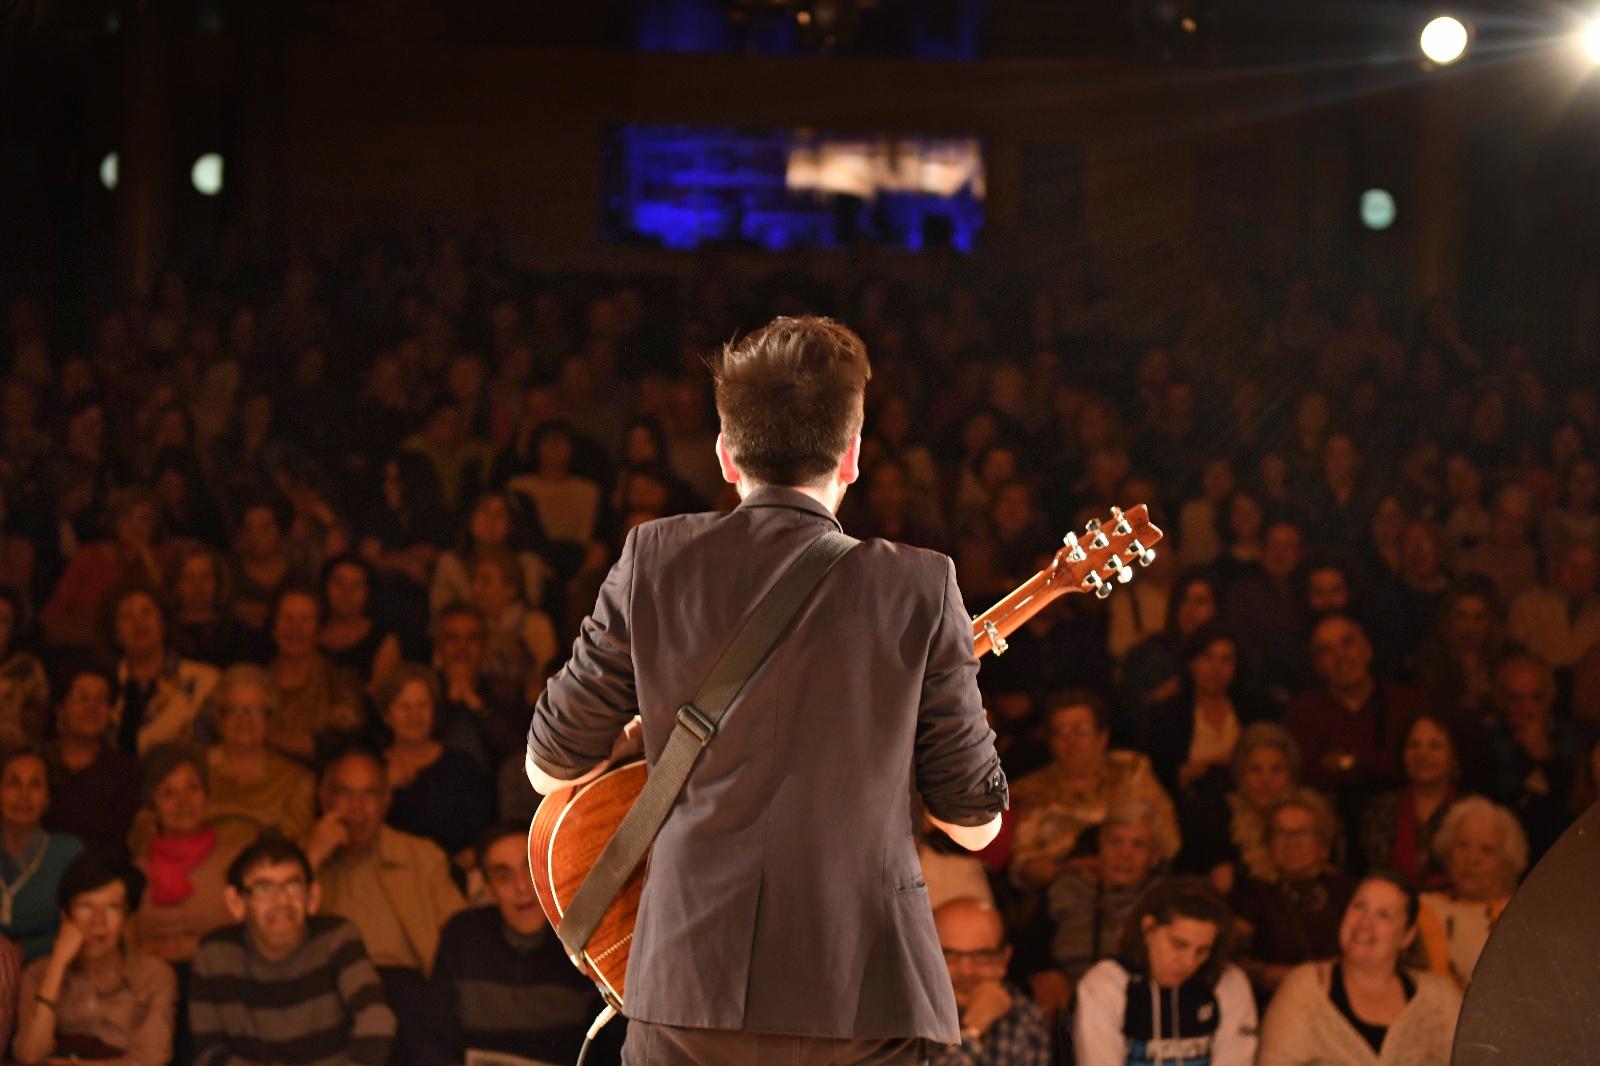 Jose Ruiz en concierto